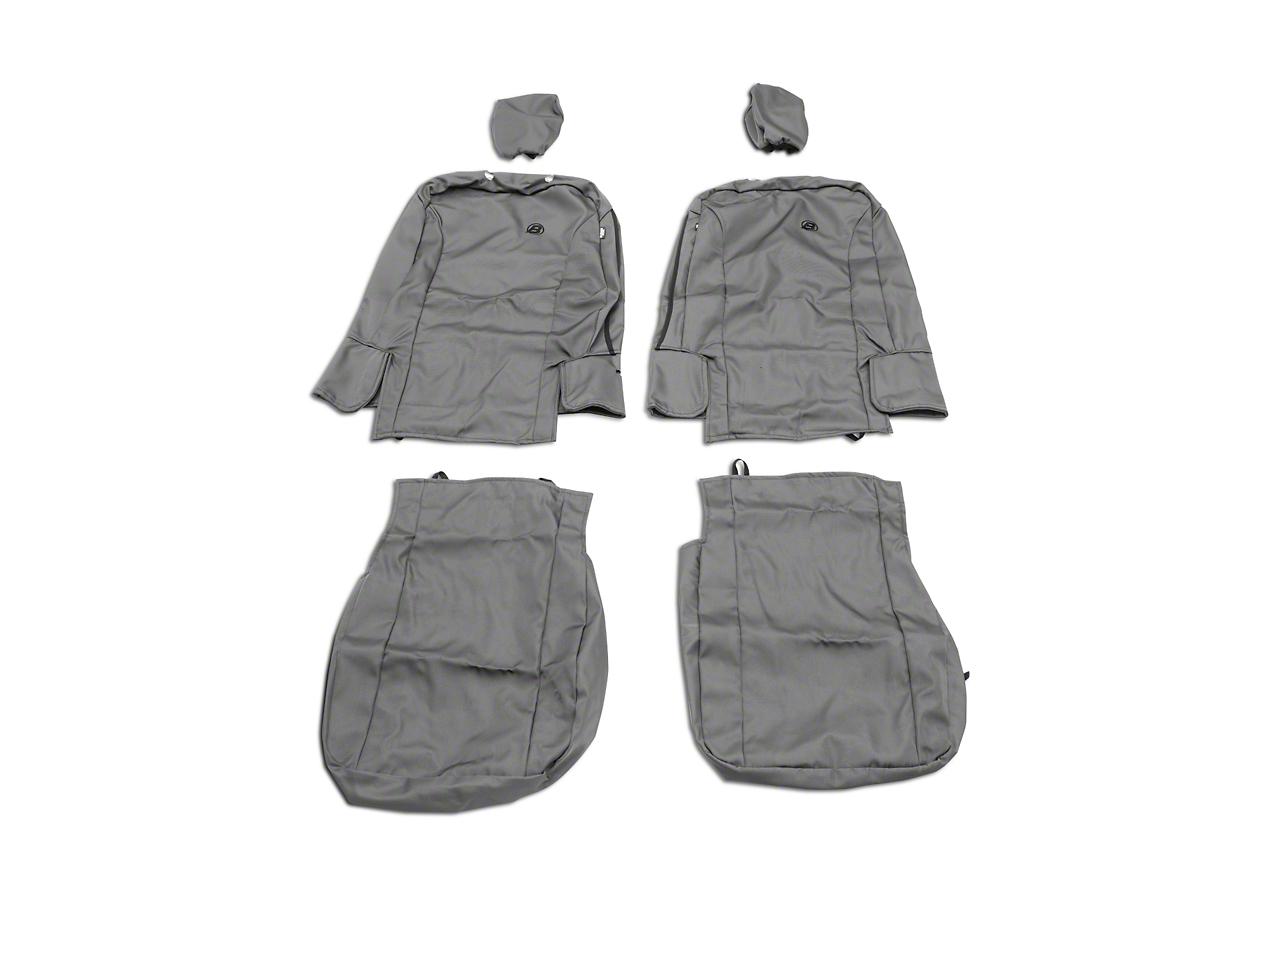 Bestop Front Seat Covers - Charcoal (07-18 Wrangler JK)